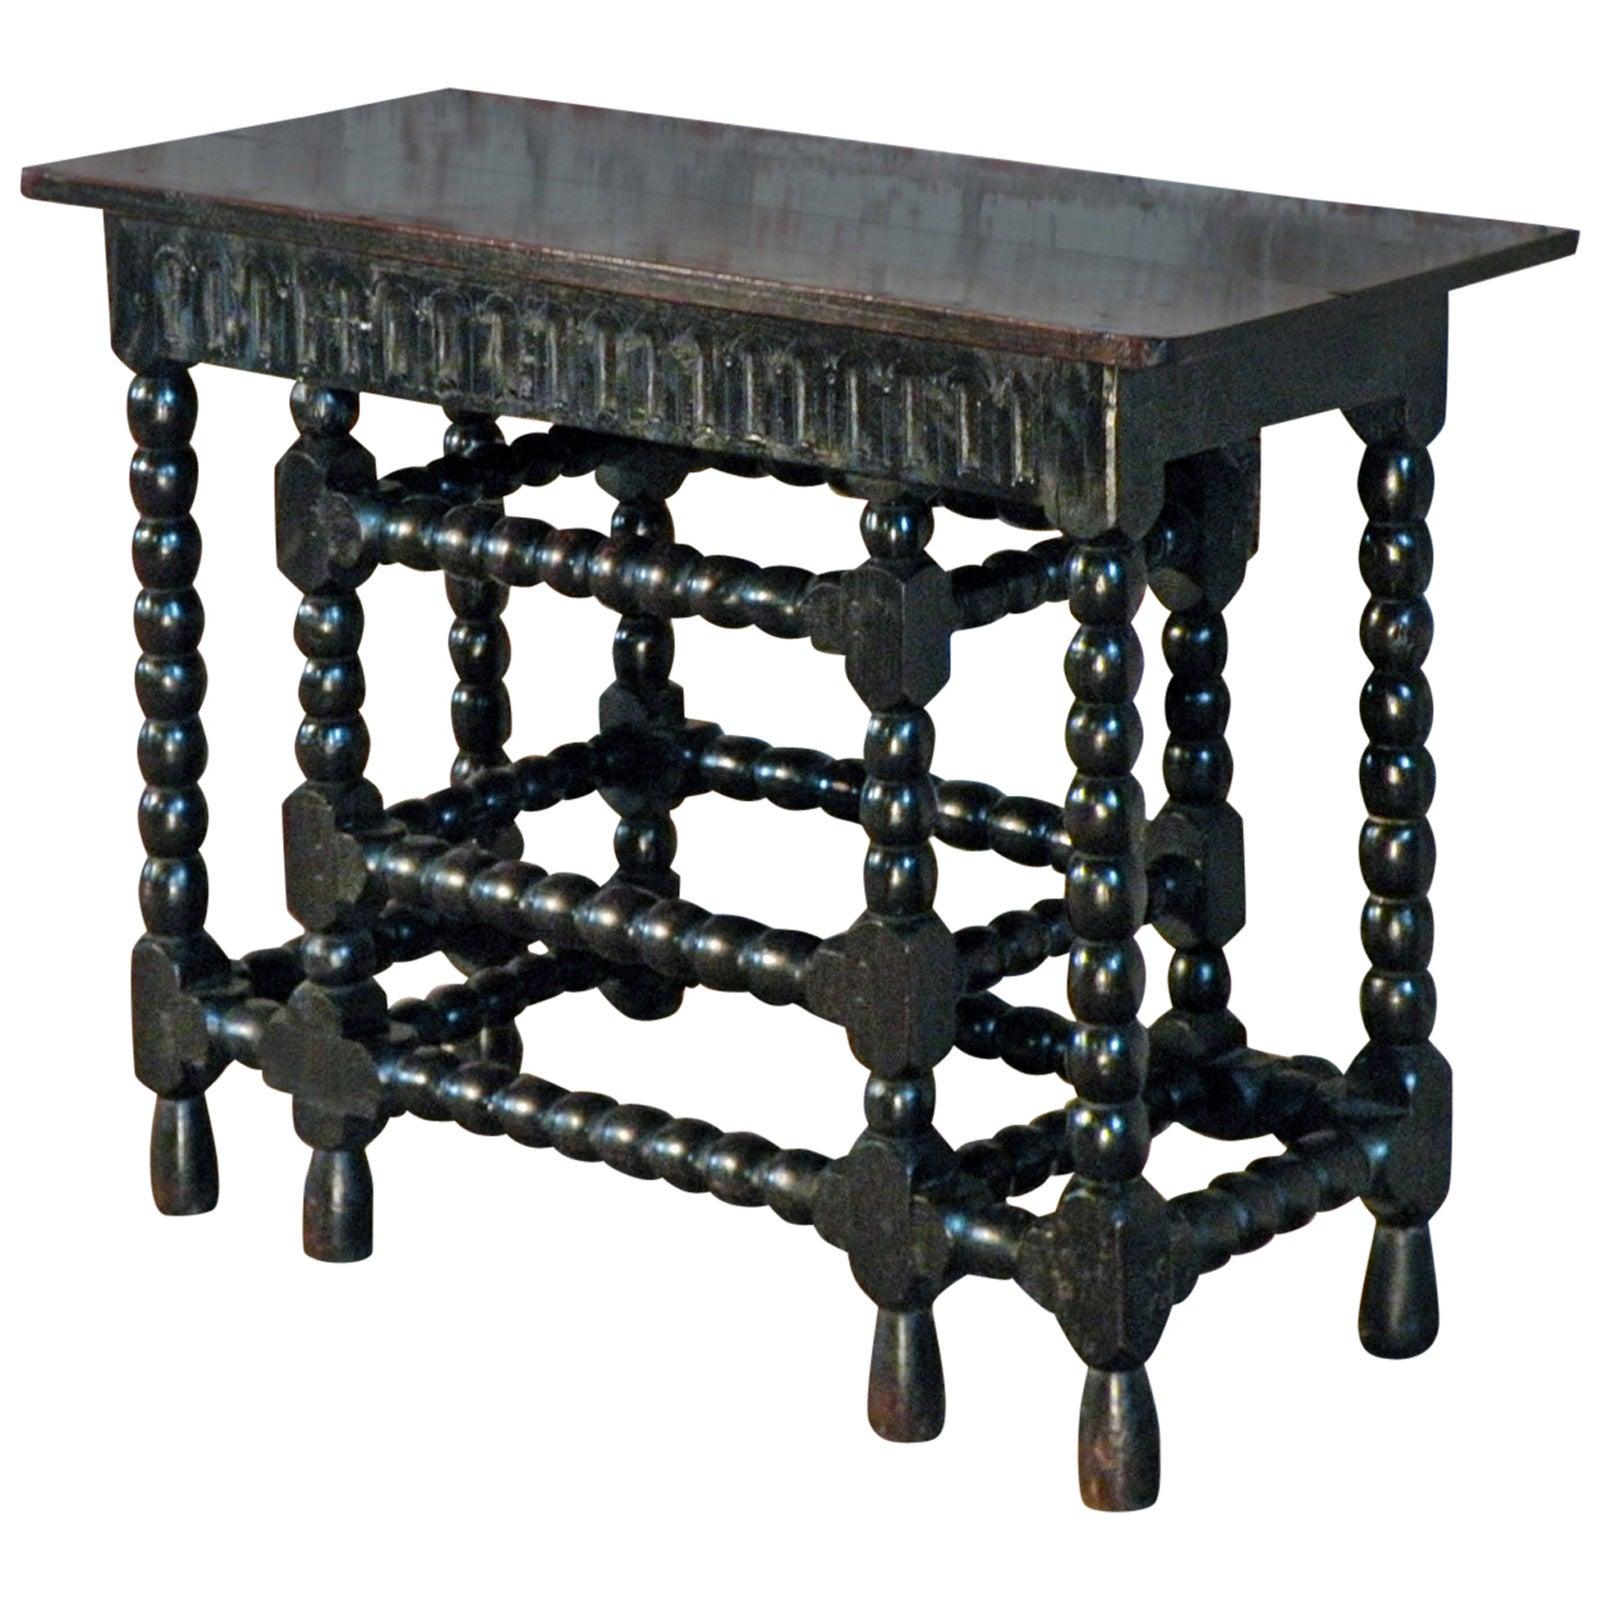 Franco-Flemish 17th Century Oak and Ebonized Console Table